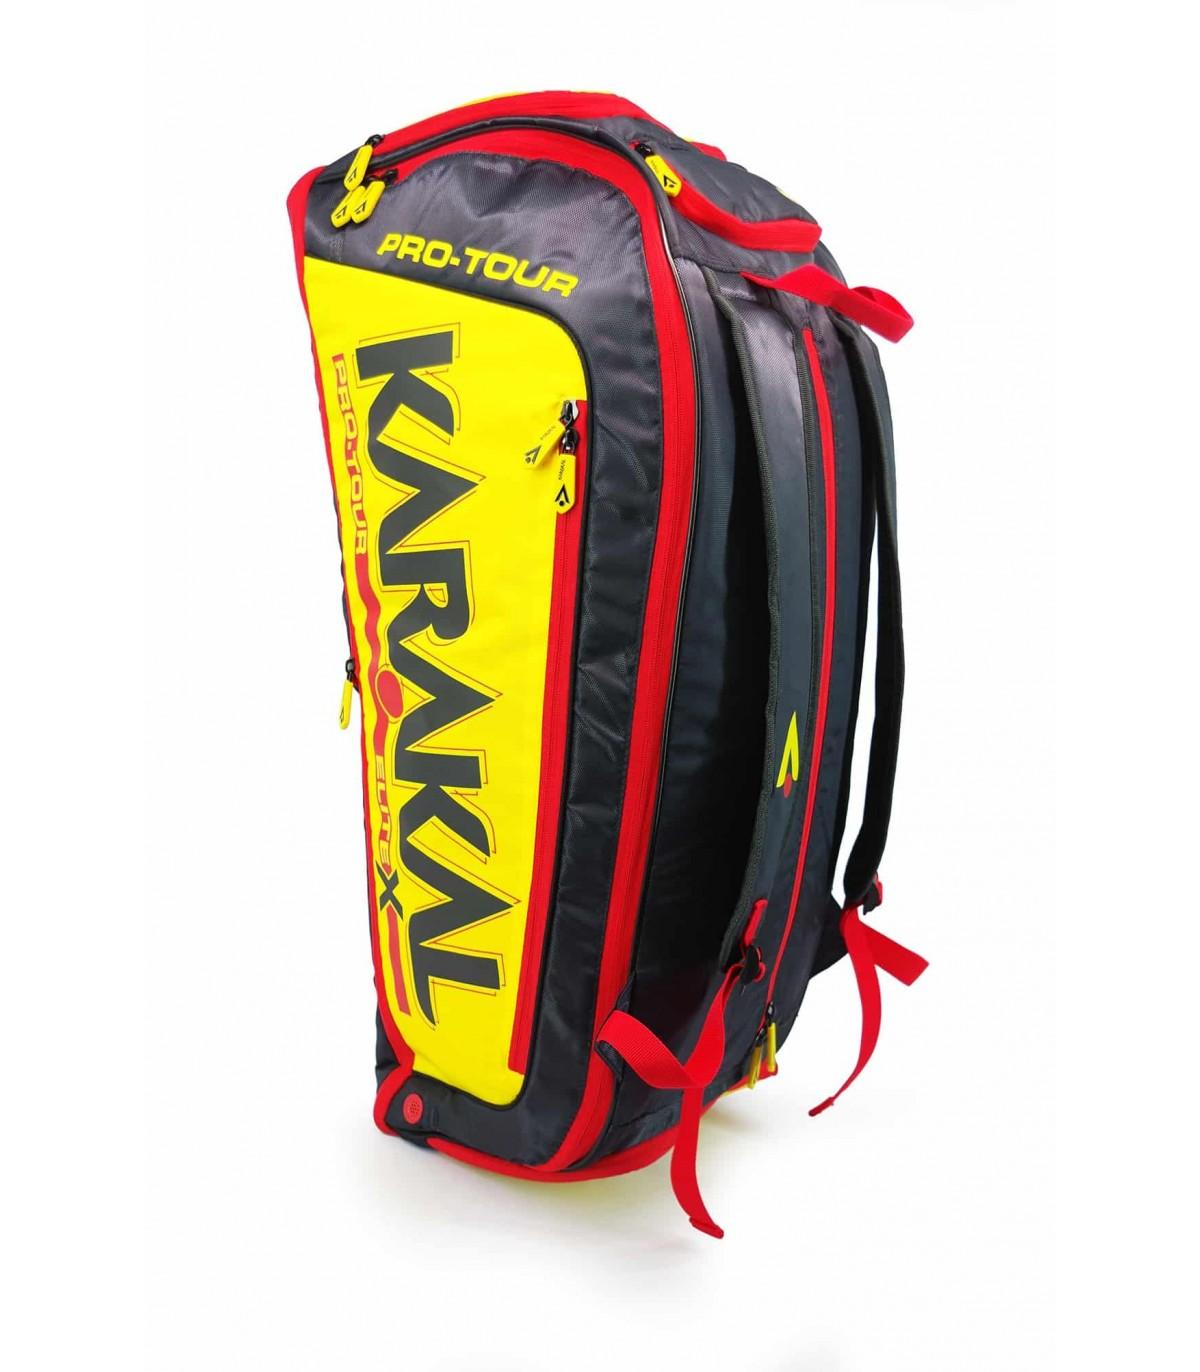 7bbb3f7e2d Karakal Pro-tour Elite X Racketbag